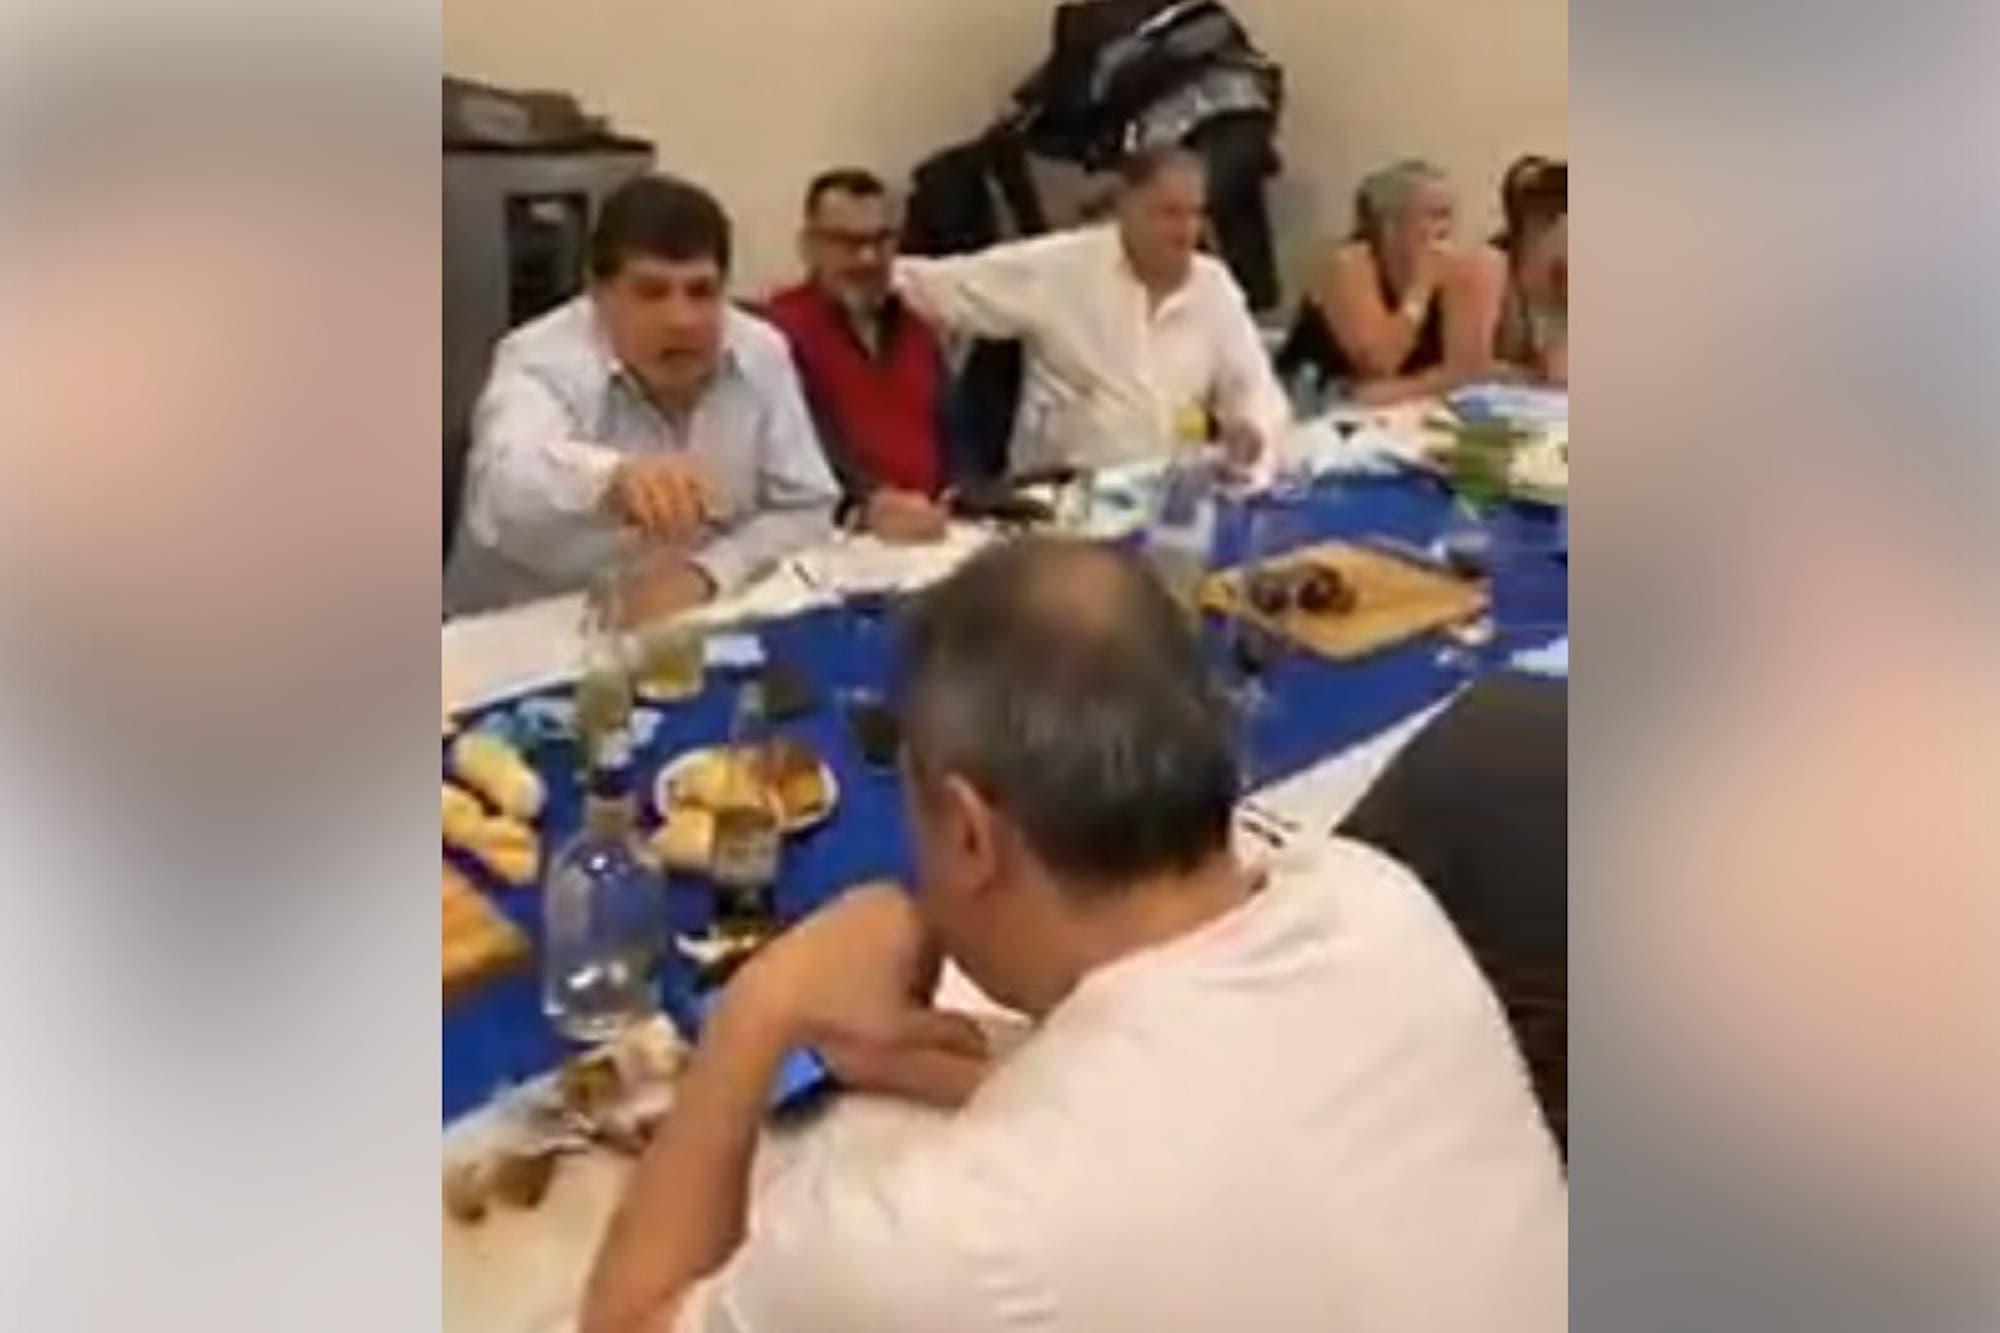 Río Gallegos: Rudy Ulloa violó la cuarentena en una fiesta con 40 personas